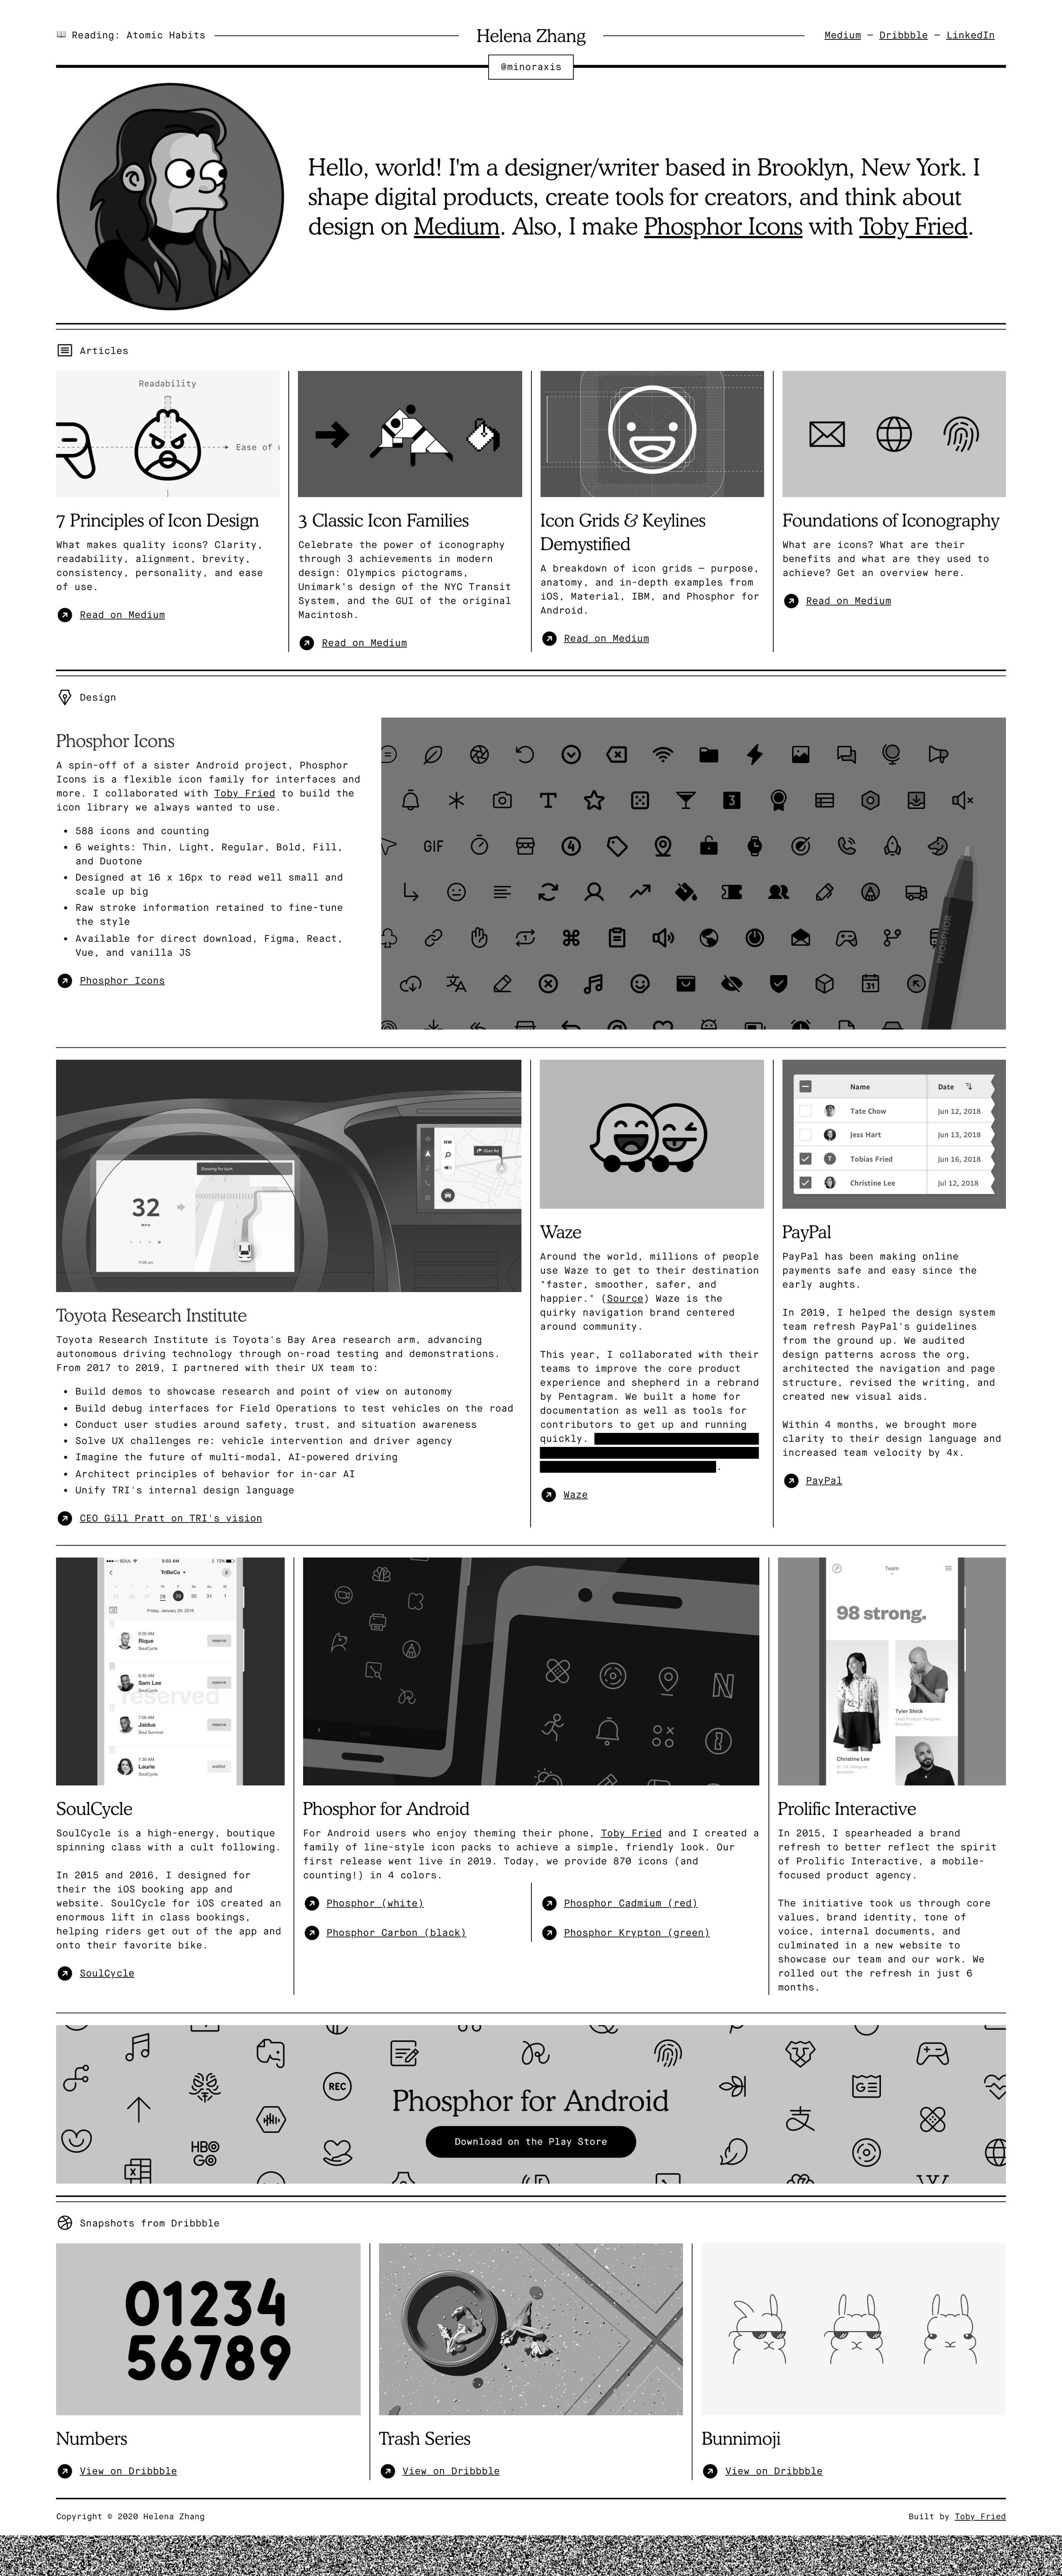 Helena Zhang Website Screenshot